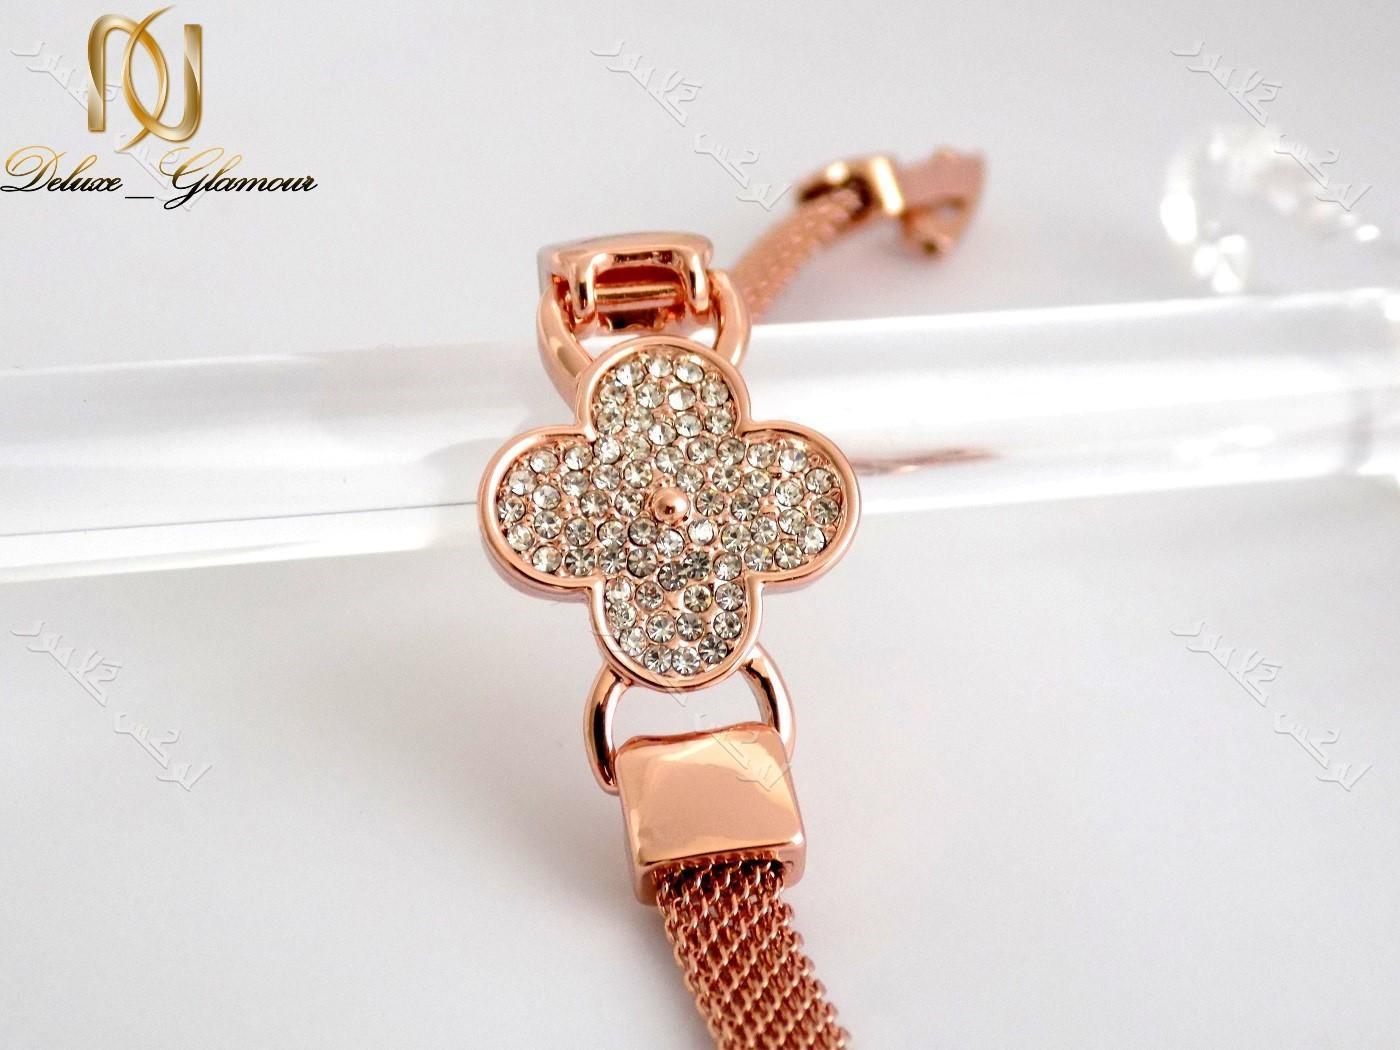 دستبند دخترانه ظریف رزگلد طرح گل کلیو با کریستالهای سواروفسکی اصلDs-n151 عکس طولی از دستبند